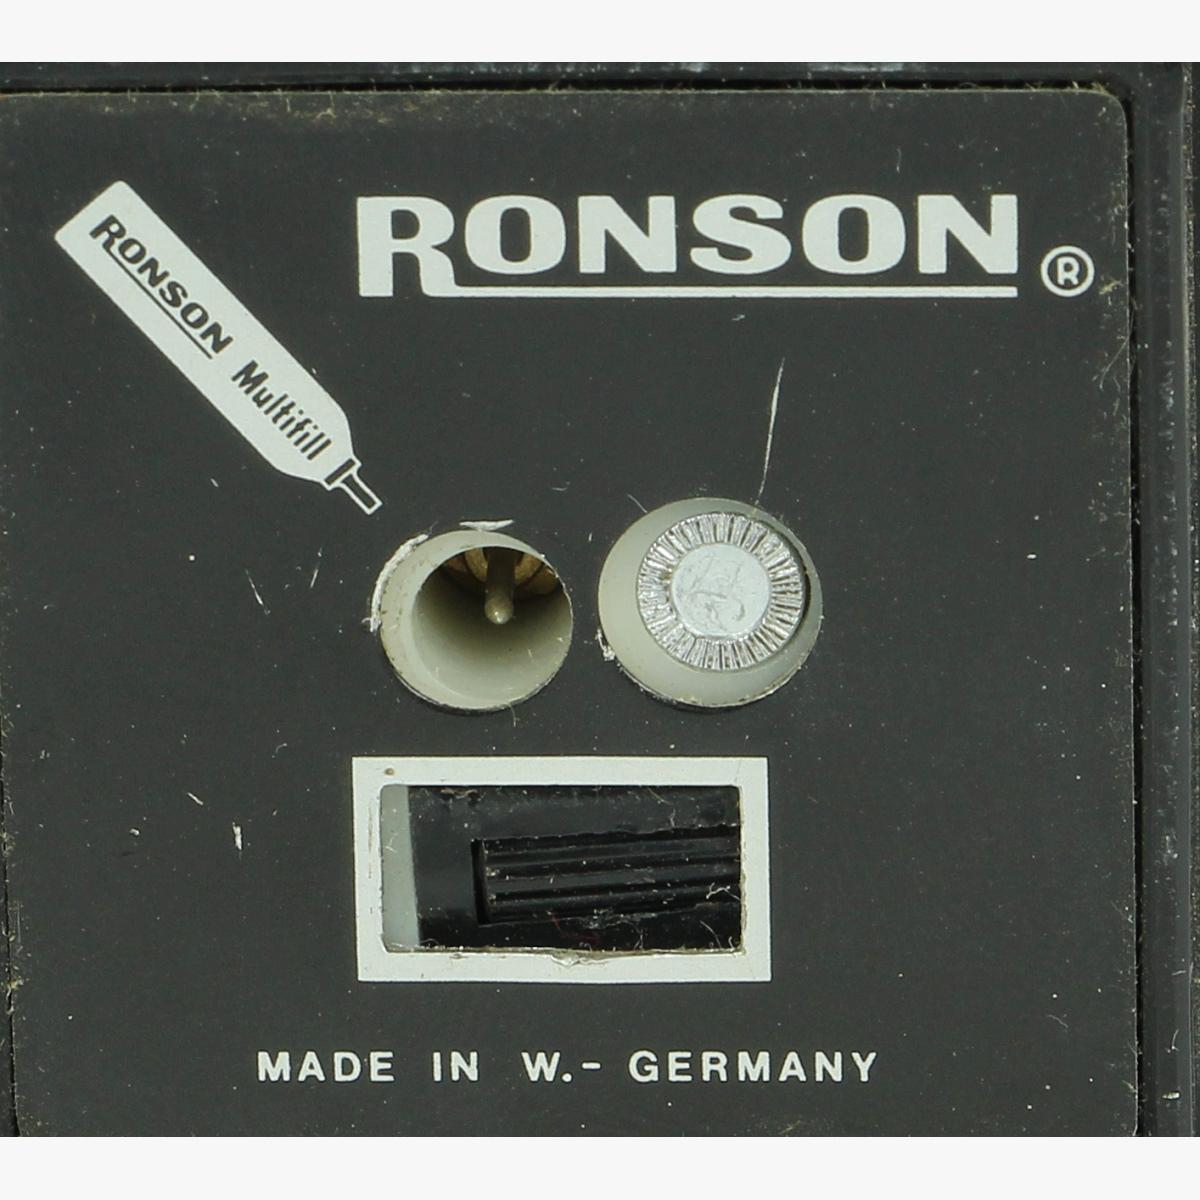 Afbeeldingen van aansteker ronson made in w.-Germany